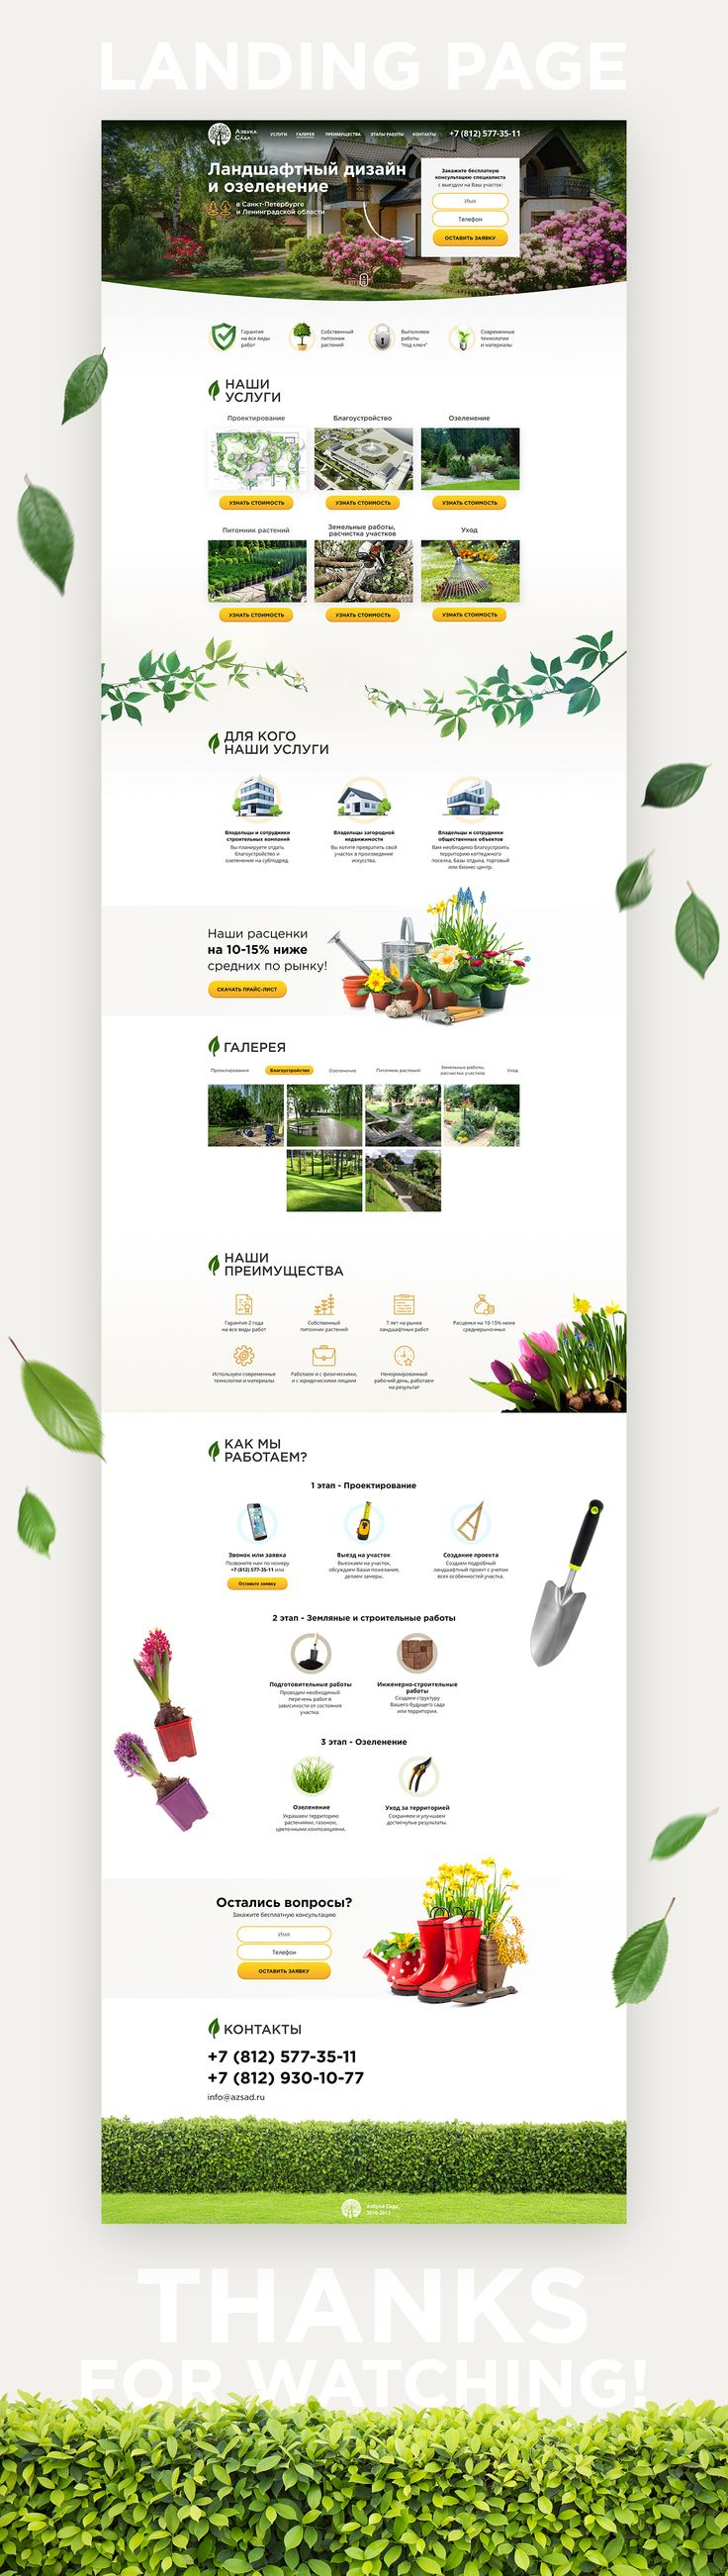 Landing page - Landscape design - Ландшафтный дизайн